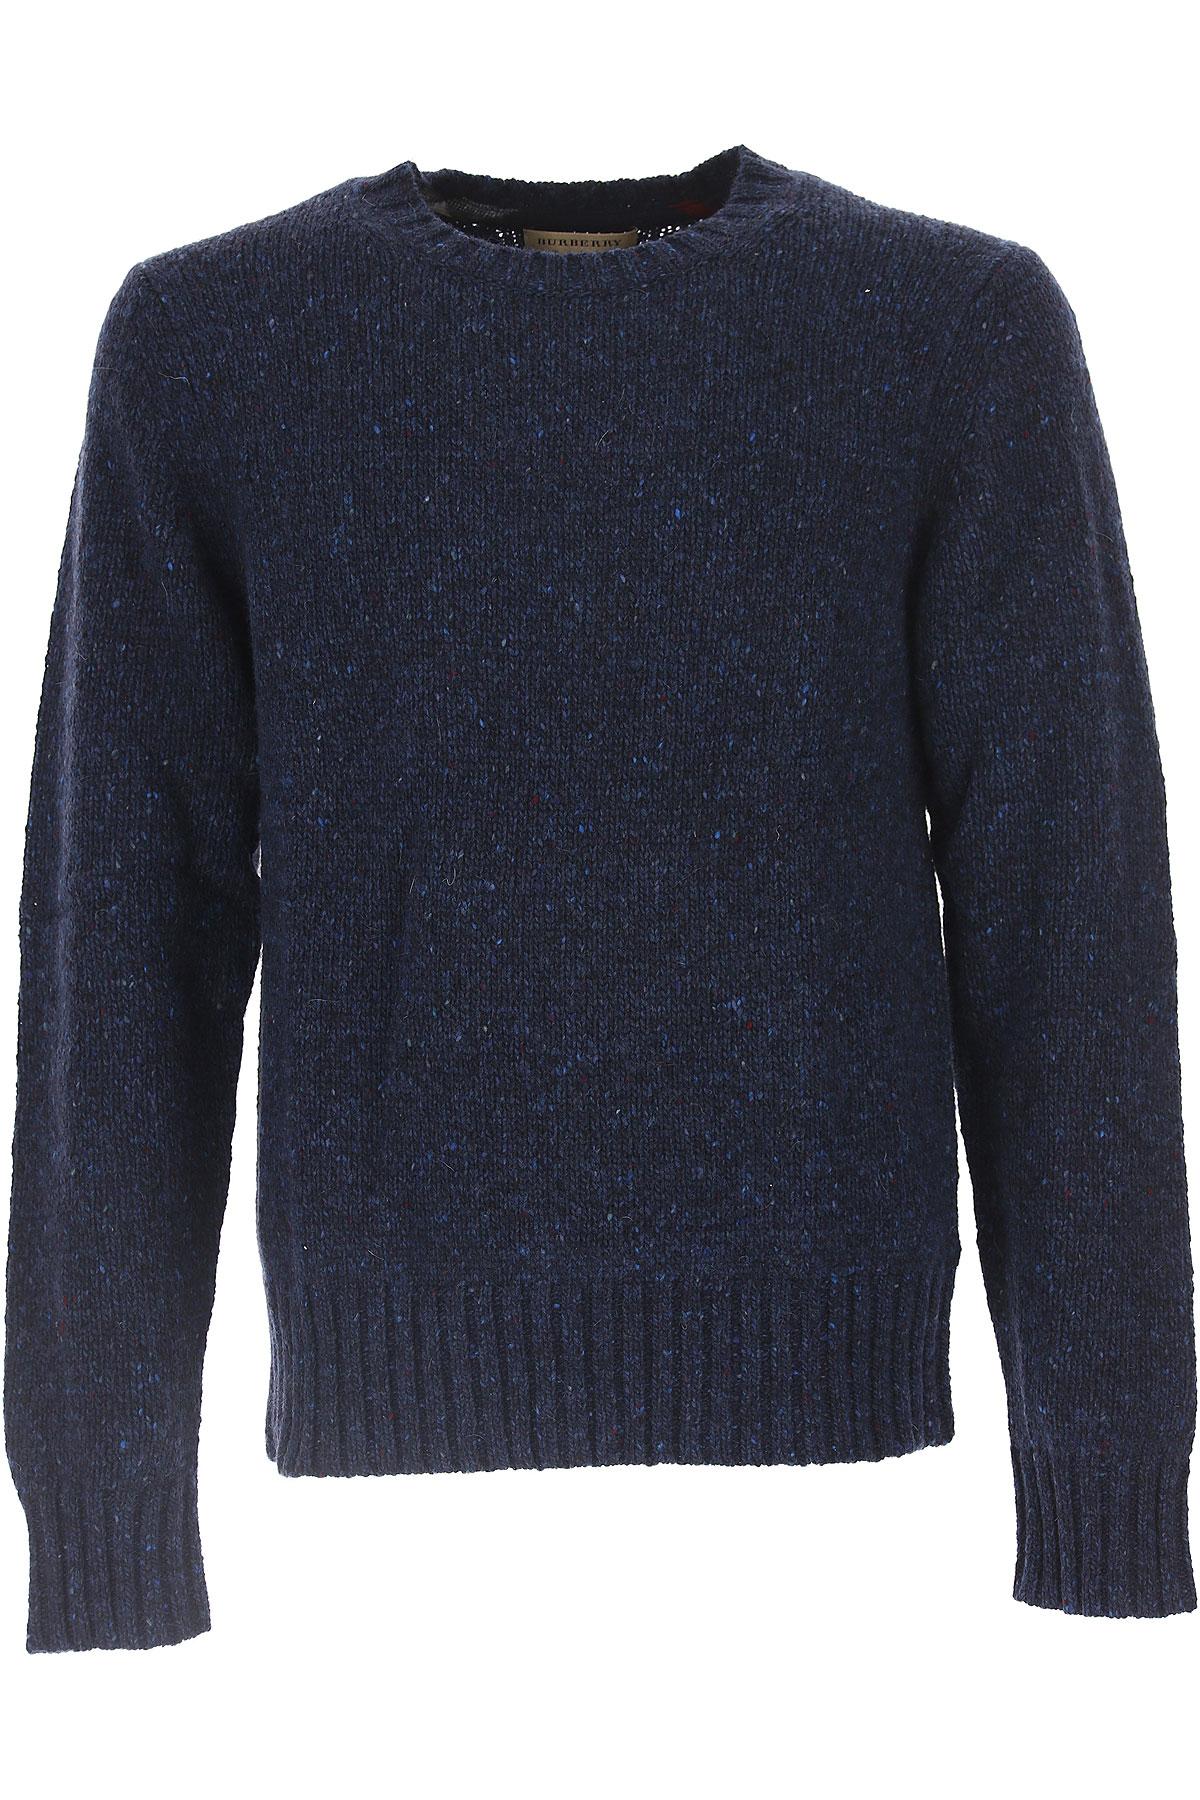 Sweater for Men Jumper On Sale, Bordeaux, merino wool, 2017, L S XL Paul Smith